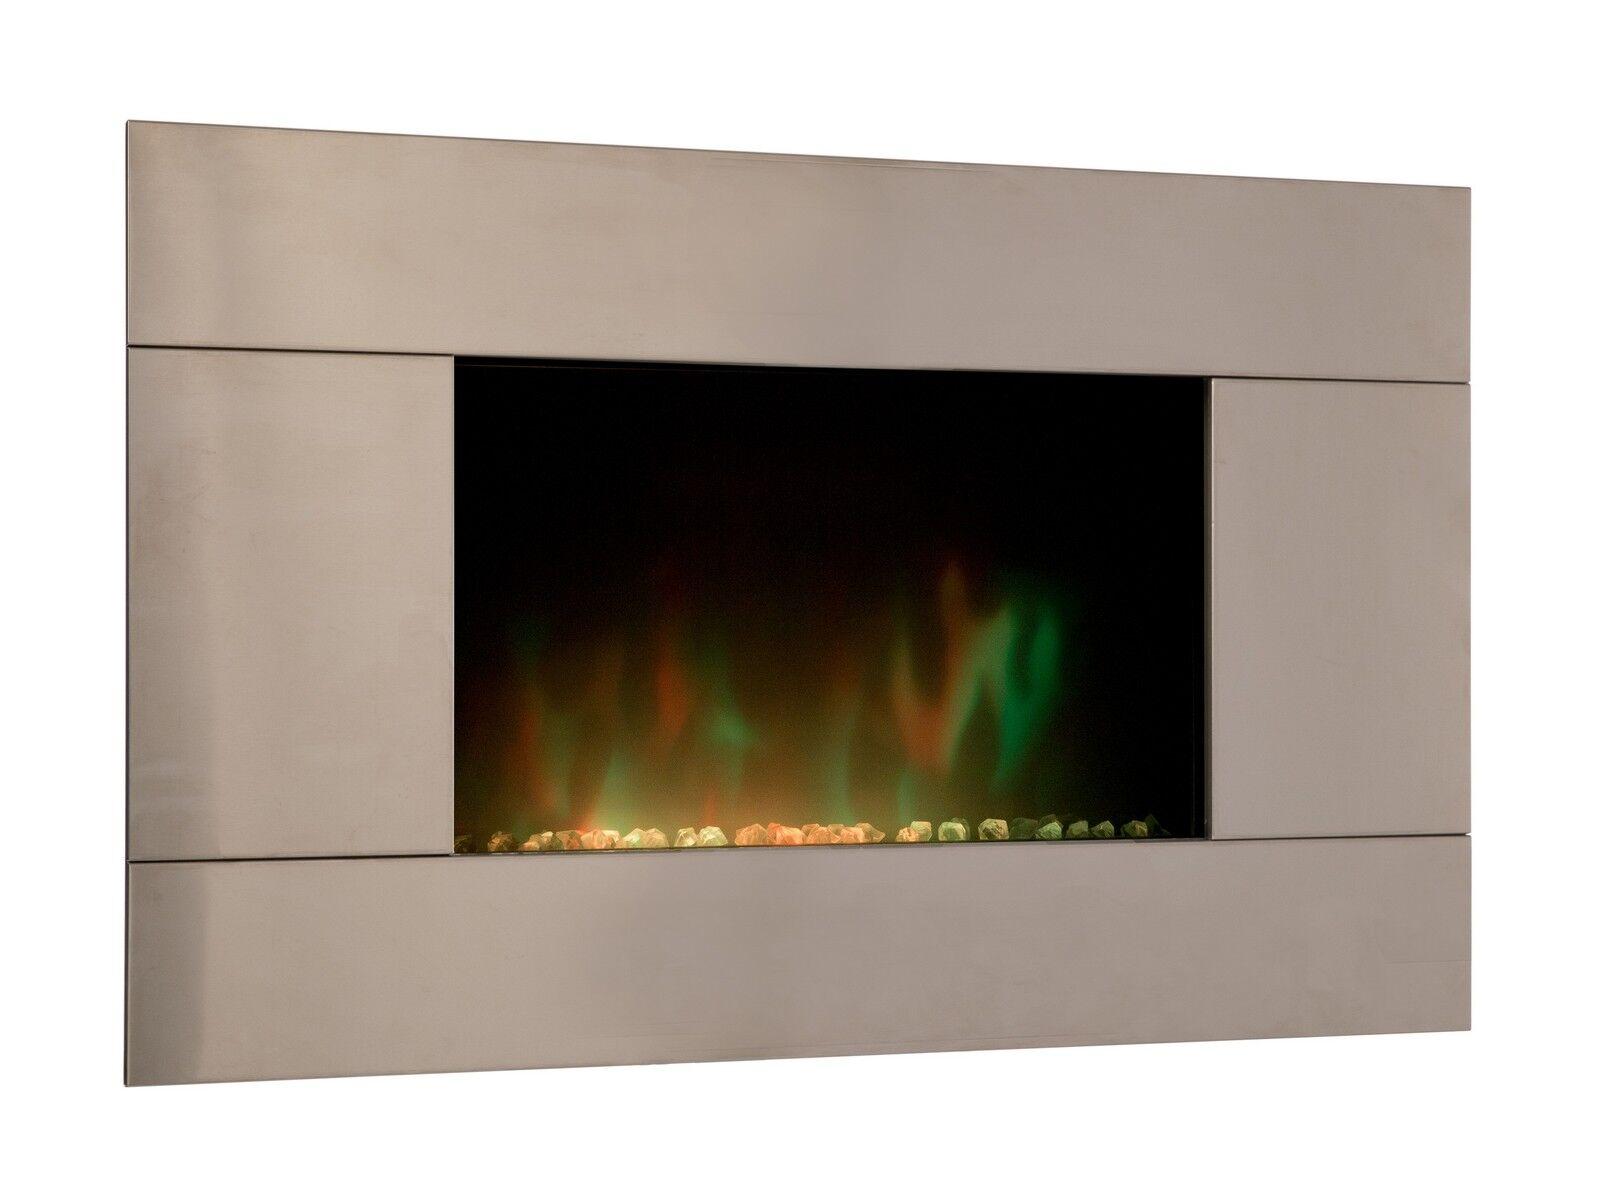 gdegdesign Cheminée électrique décorative lumineuse LED façade inox - Pure